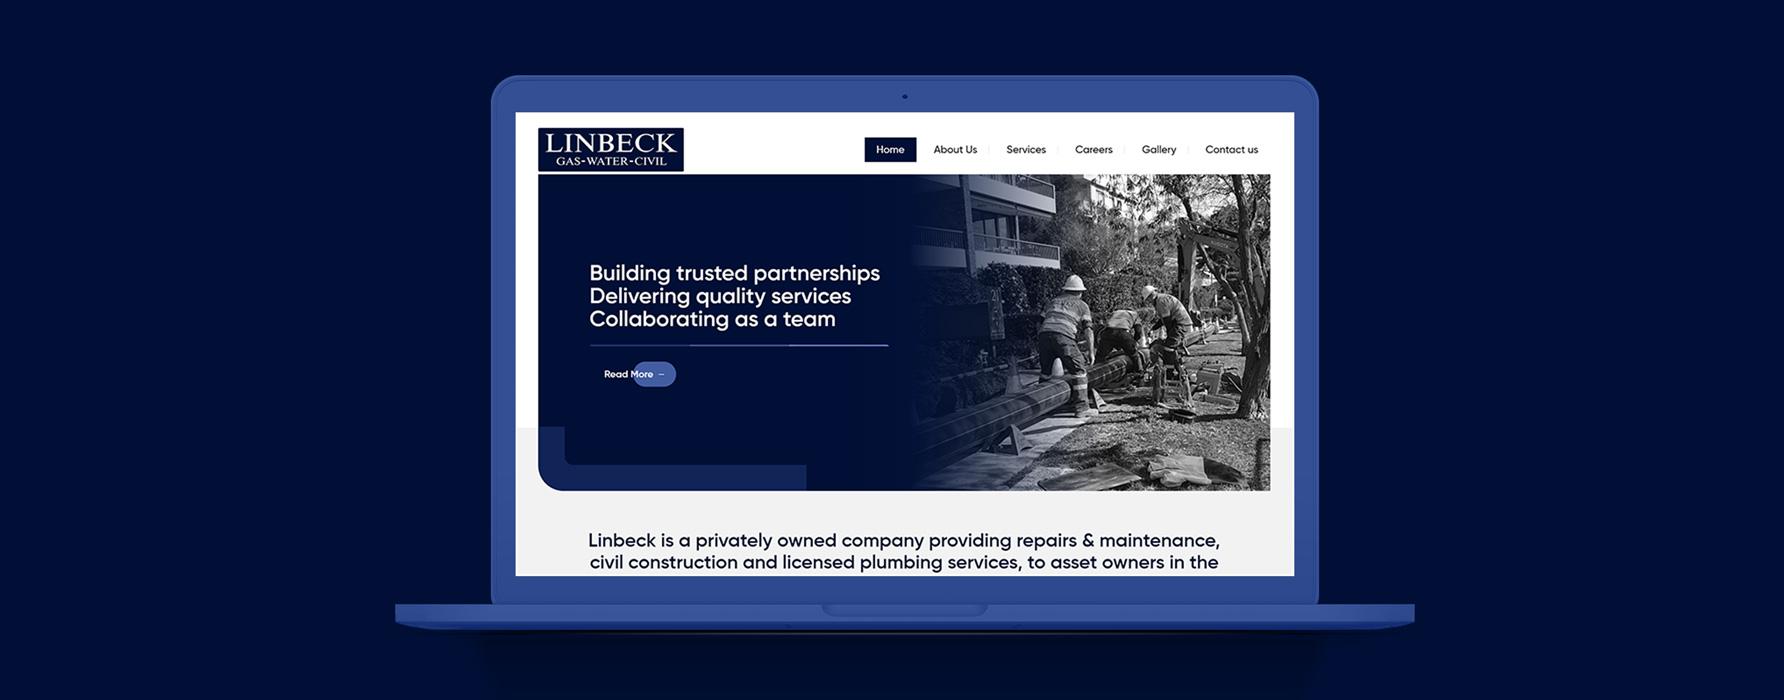 Linbeck Web design